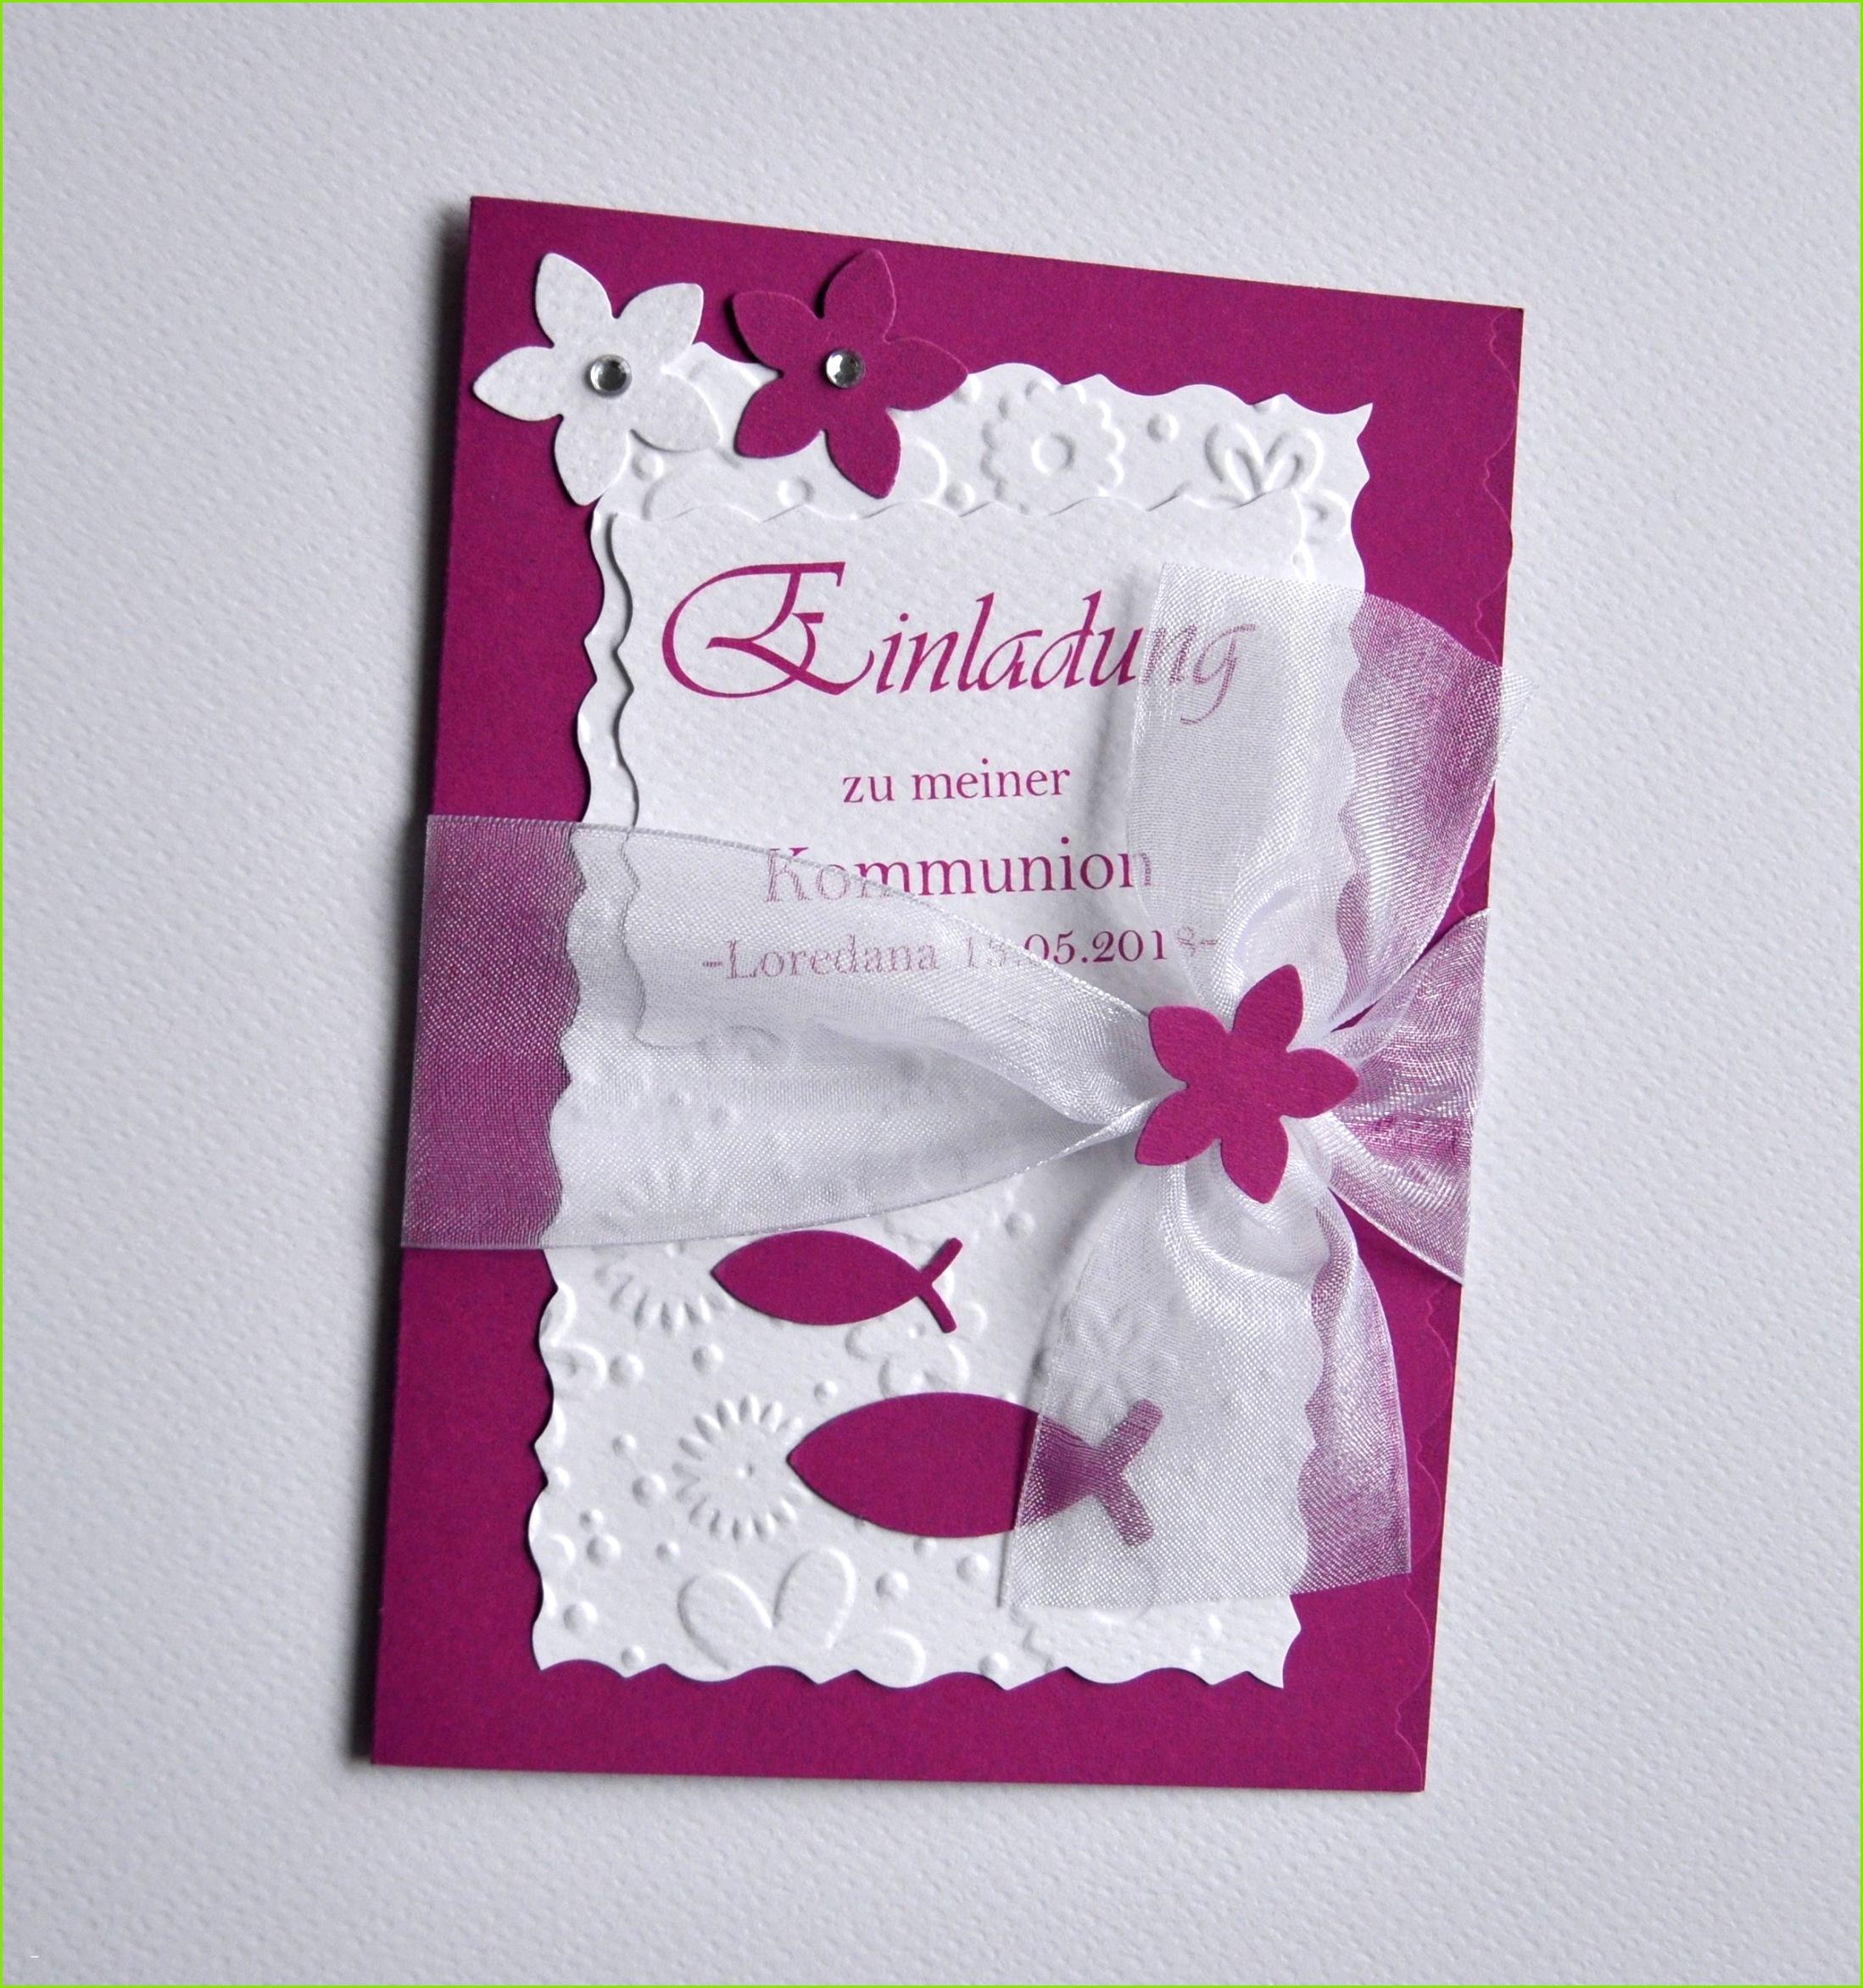 Kommunion Einladungskarten Dankeskarten Firmung Sammlungen Einladungskarten Einladungskarte kommunion einladungskarten 0D Einladungskarten Selber